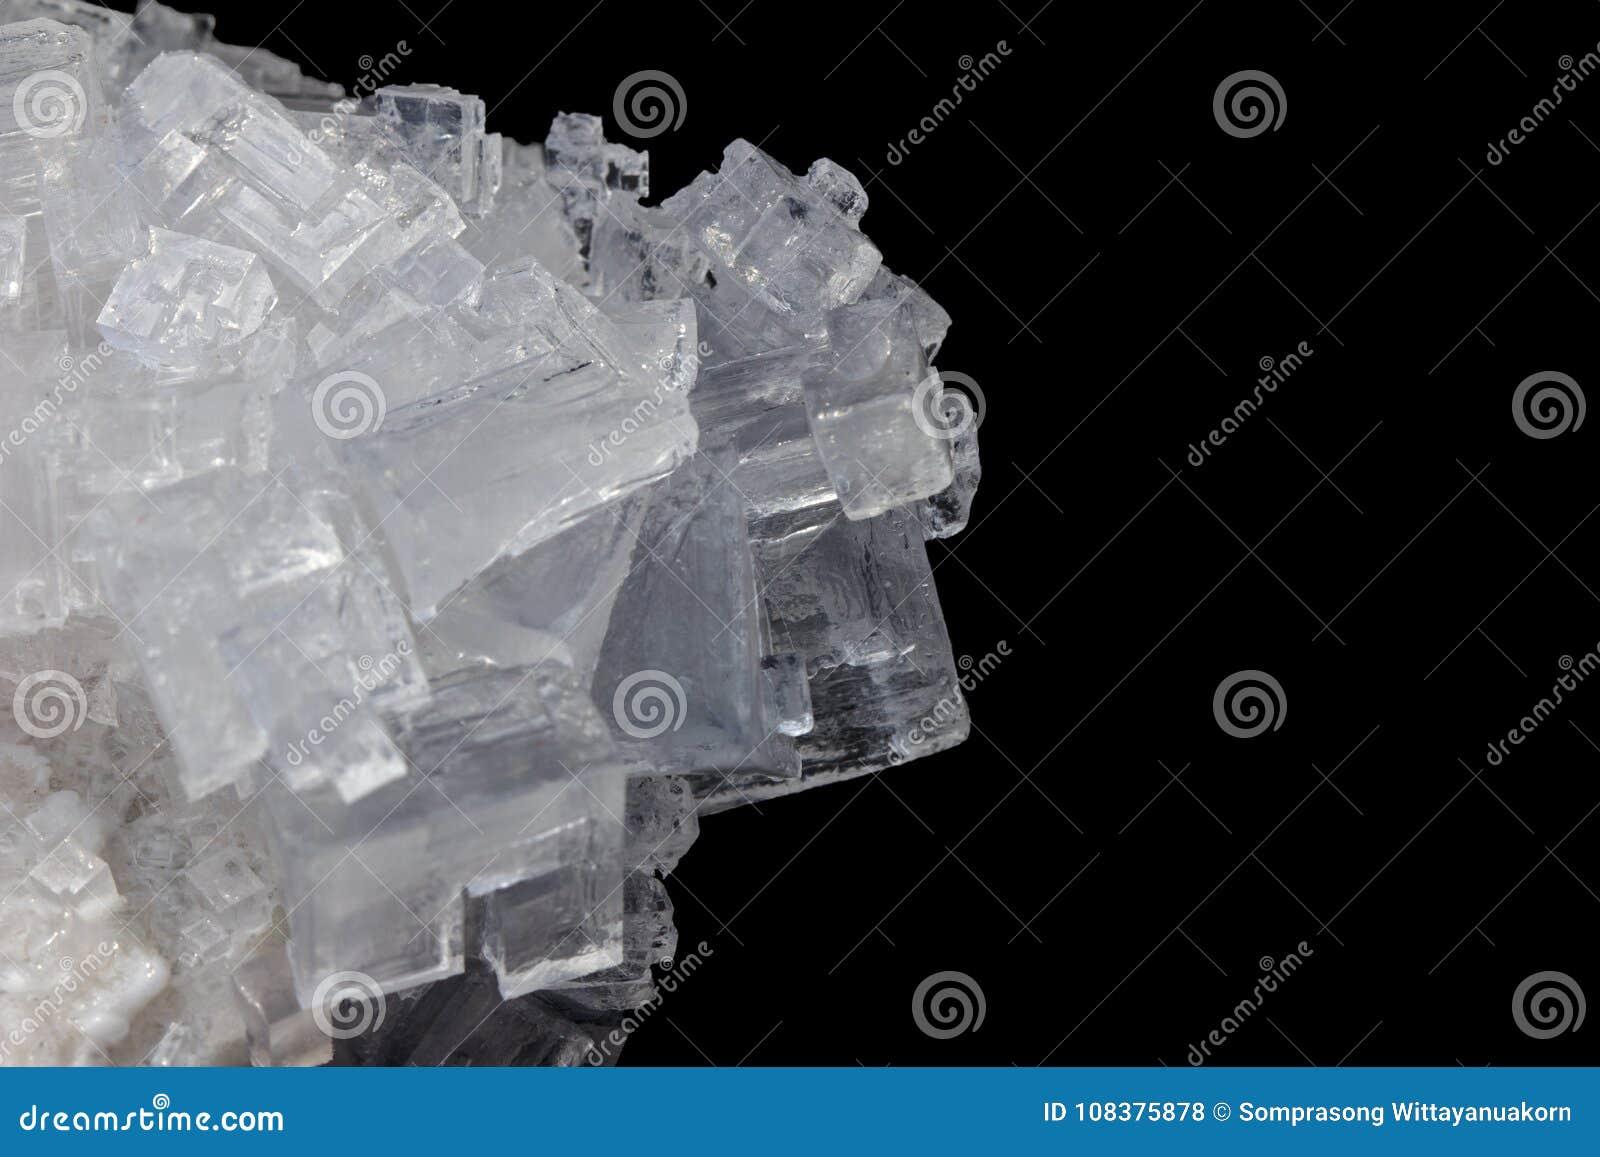 Cristalli di bianco del sale